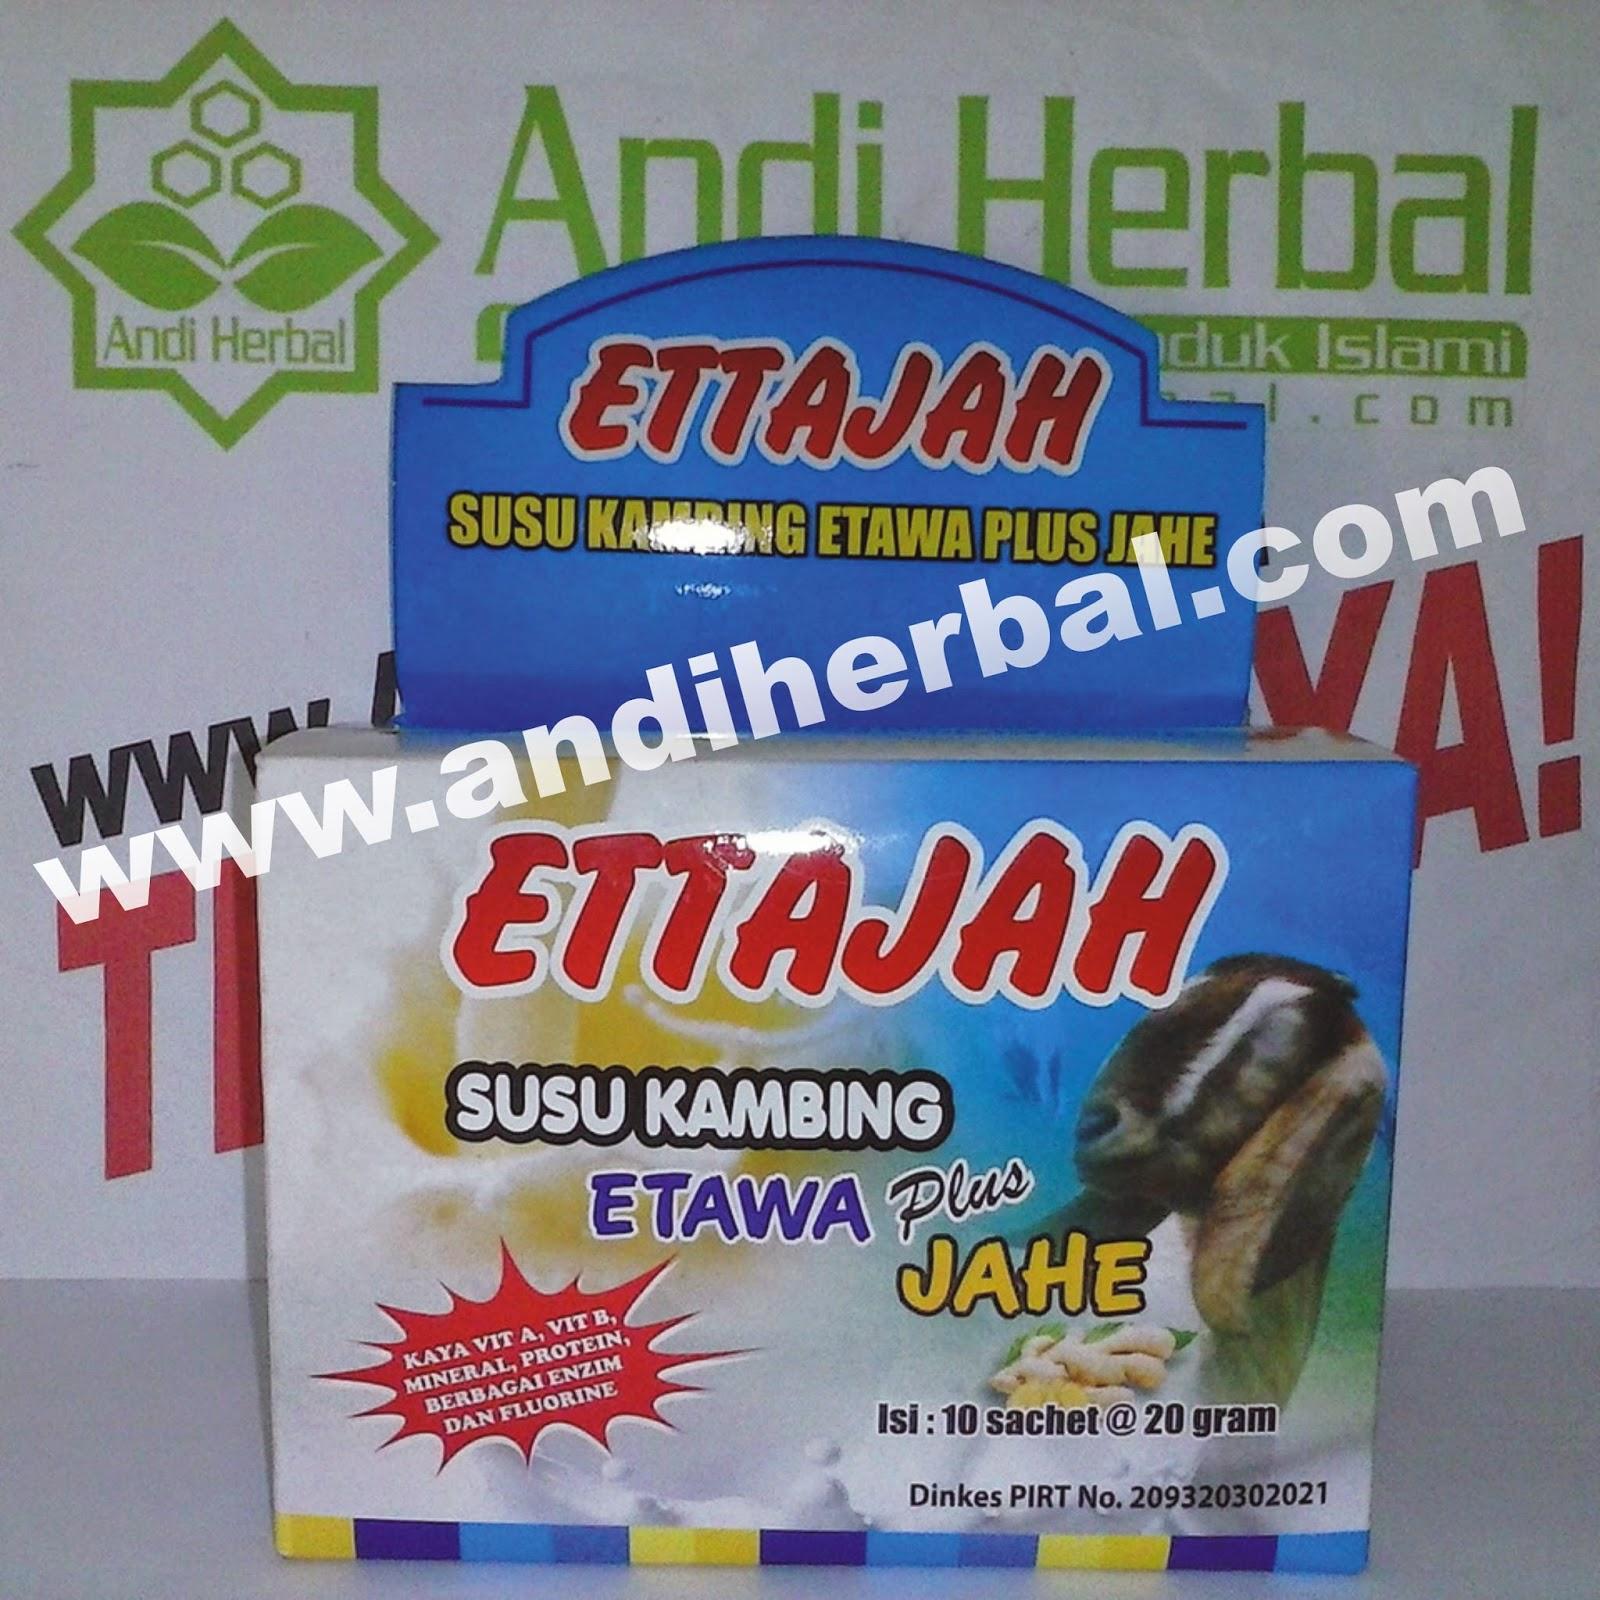 Susu Kambing Etawa Plus Jahe ETTAJAH Gholiban Andiherbal.com